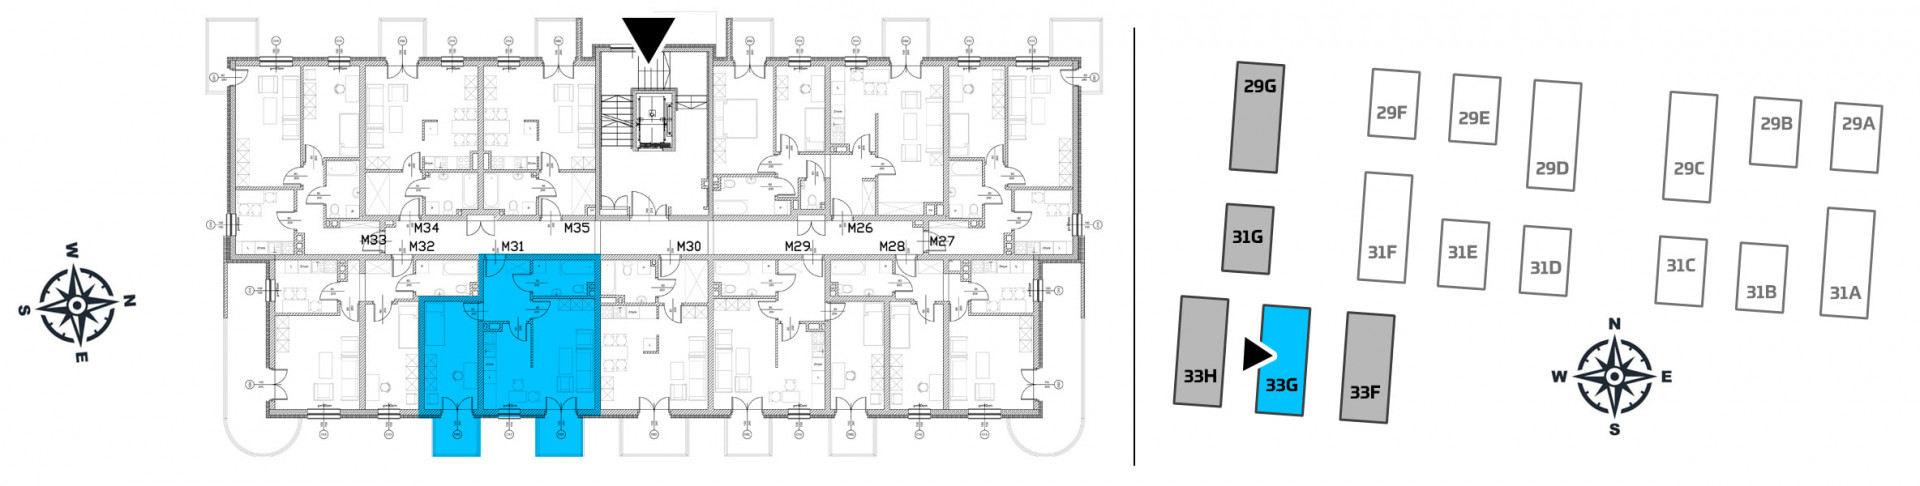 Mieszkanie dwupokojowe 33G/31 rzut 2